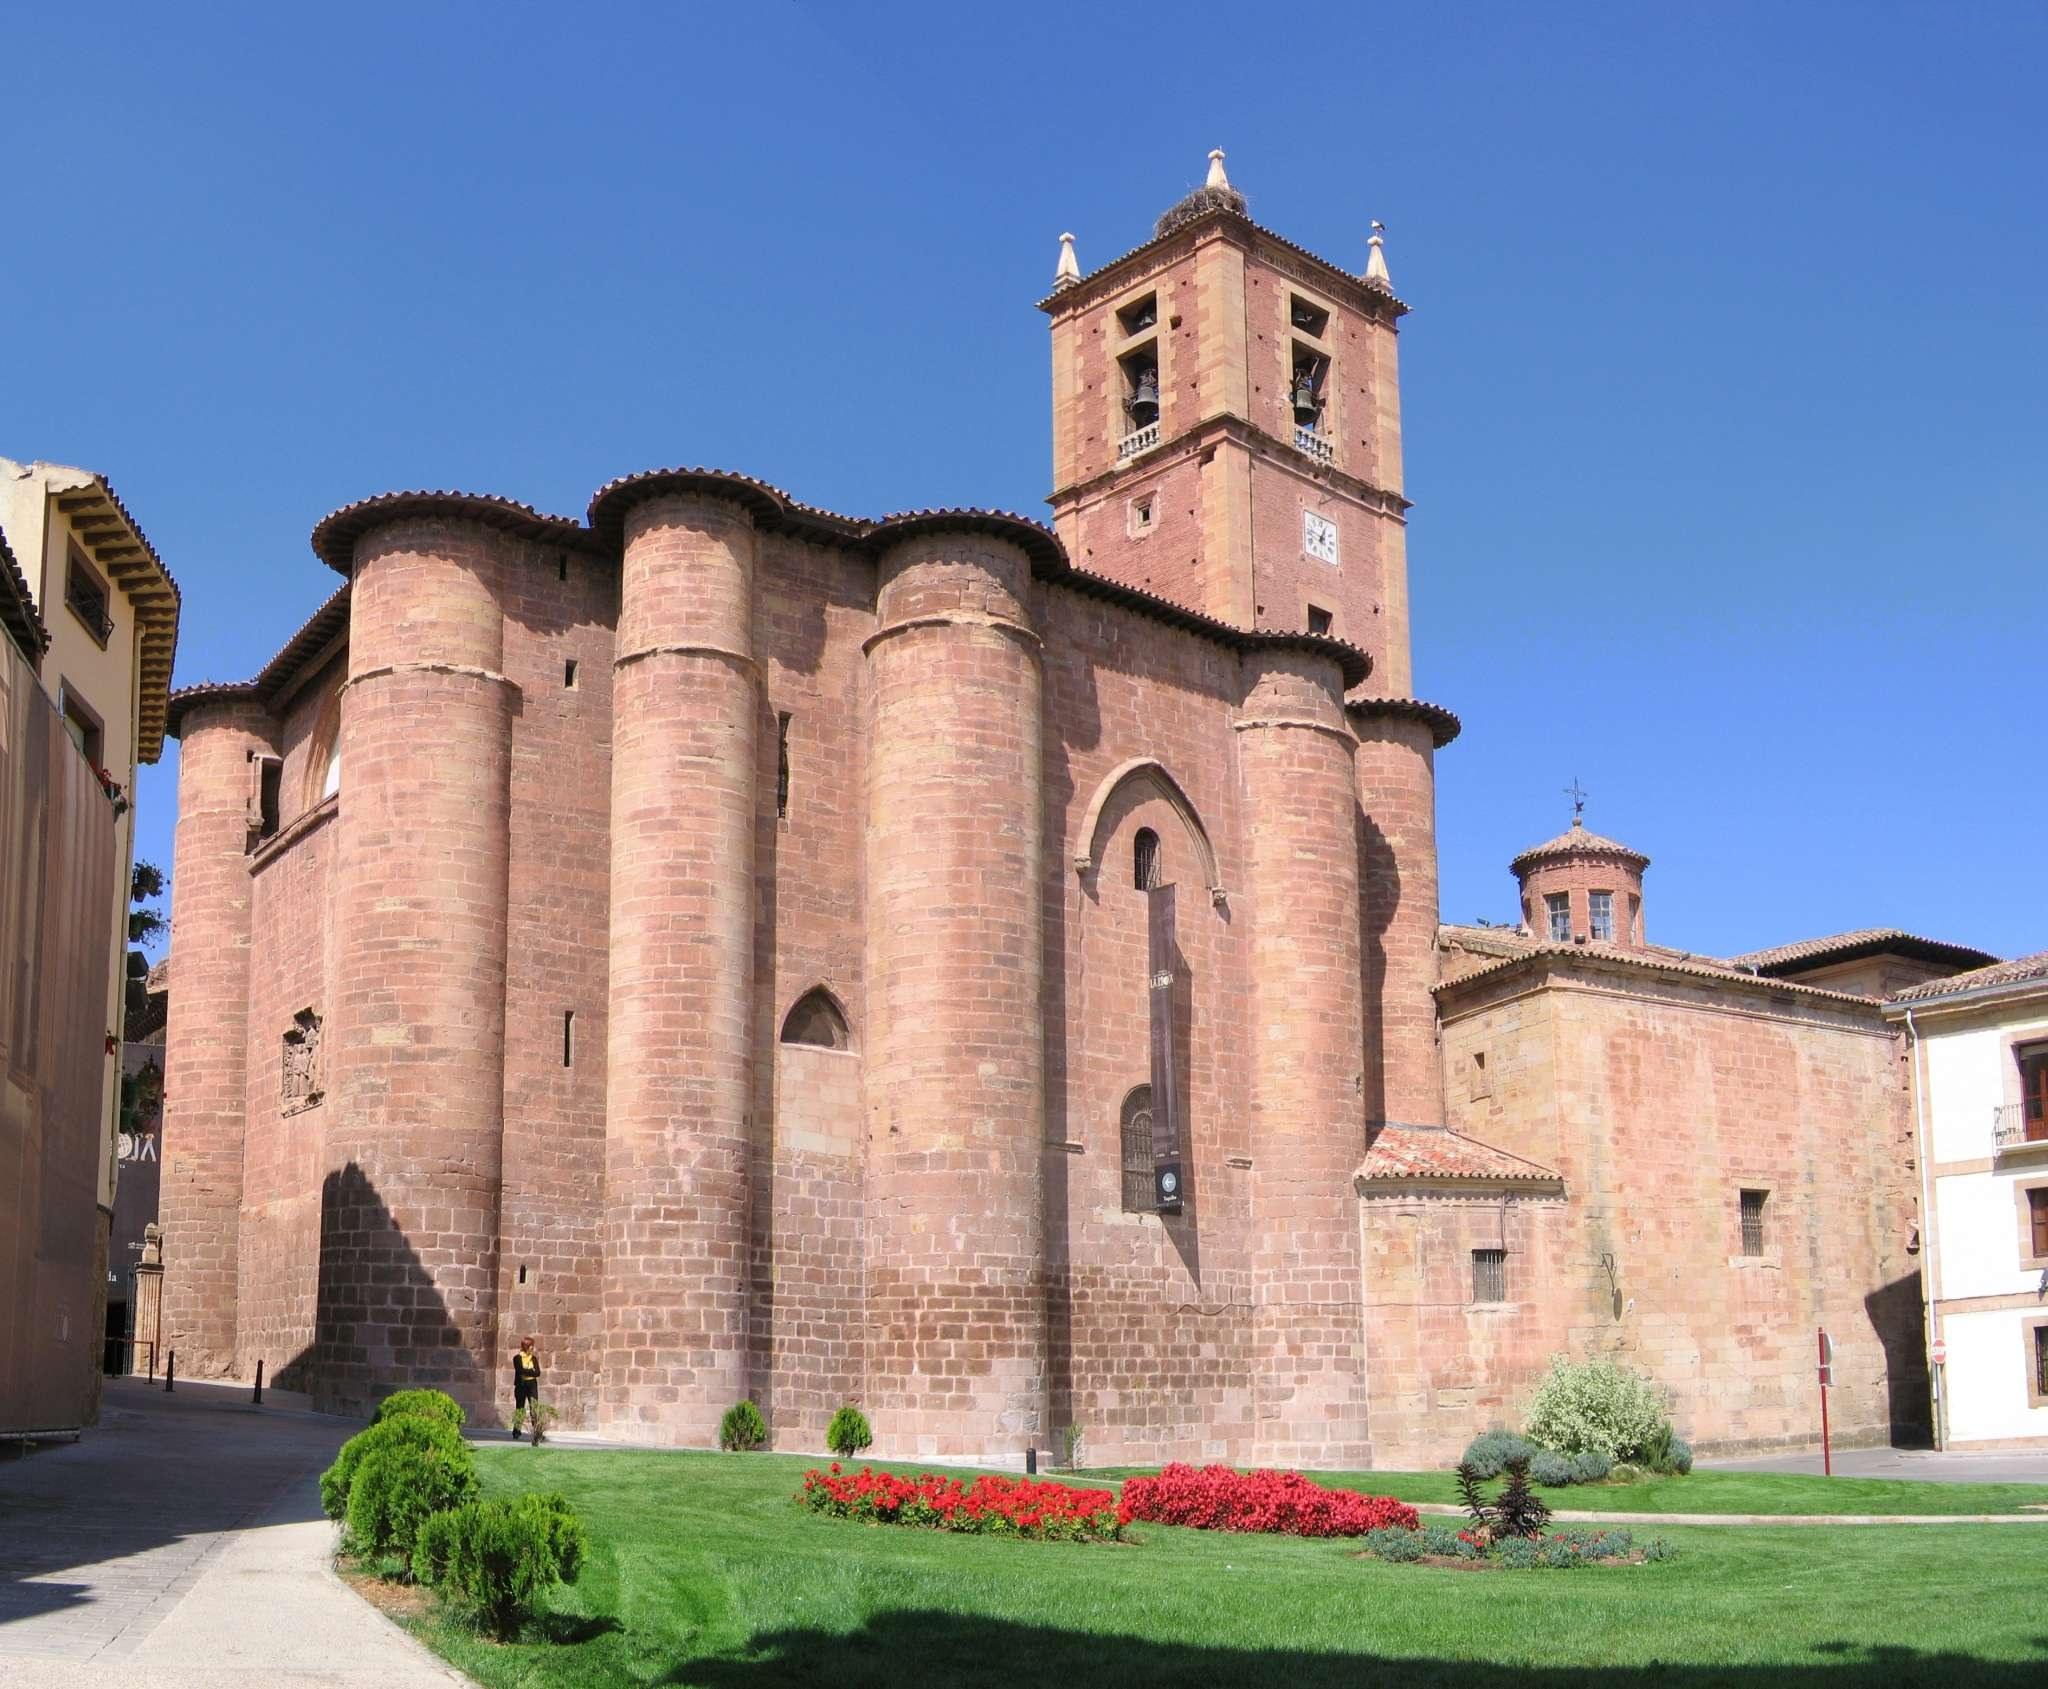 Monasterio de Santa Maria la Real © Dietmar Giljohann